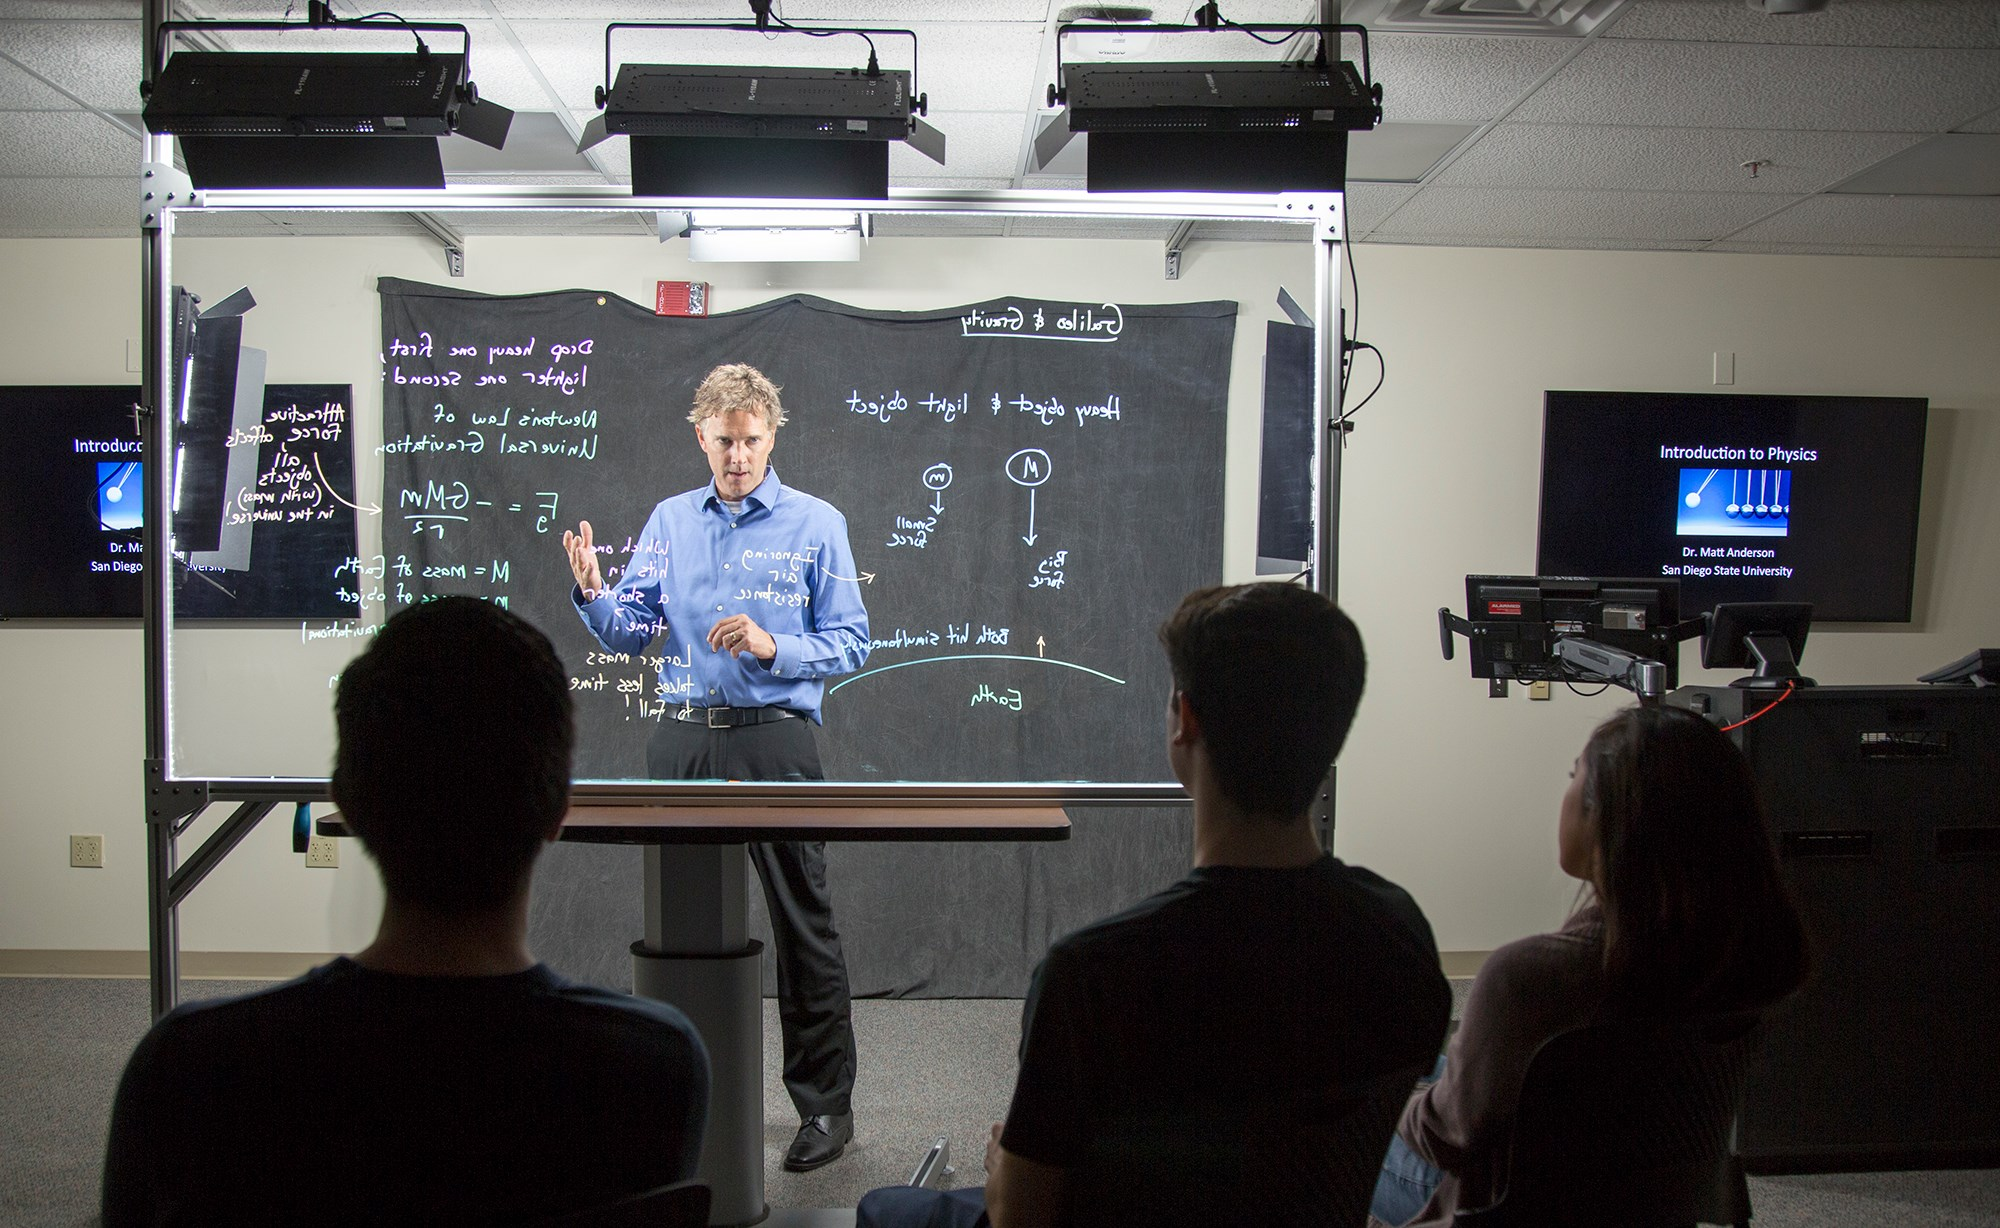 Tempat kursus fisika di BSD City